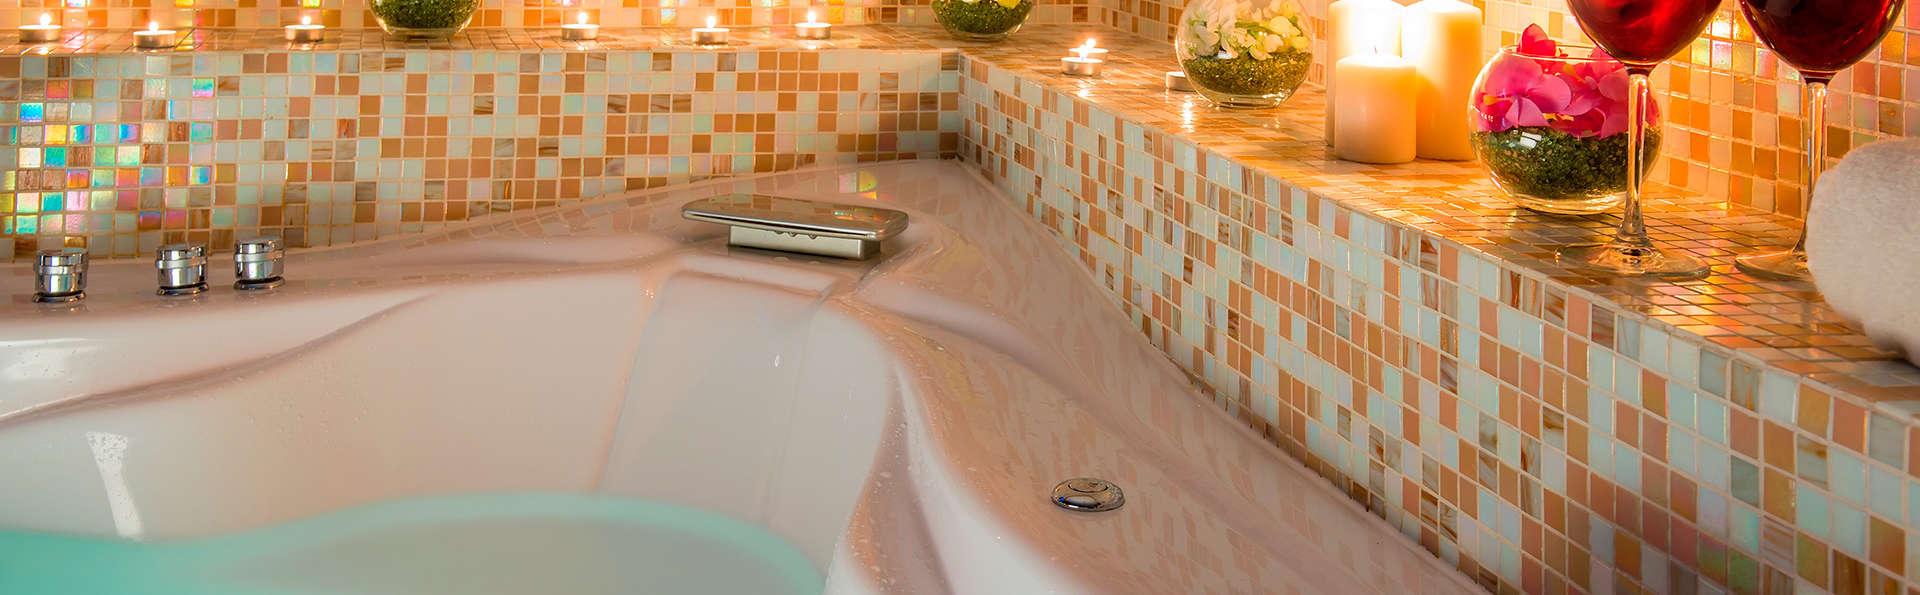 Soggiorno nella romantica Venezia con upgrade in camera deluxe con Jacuzzi!